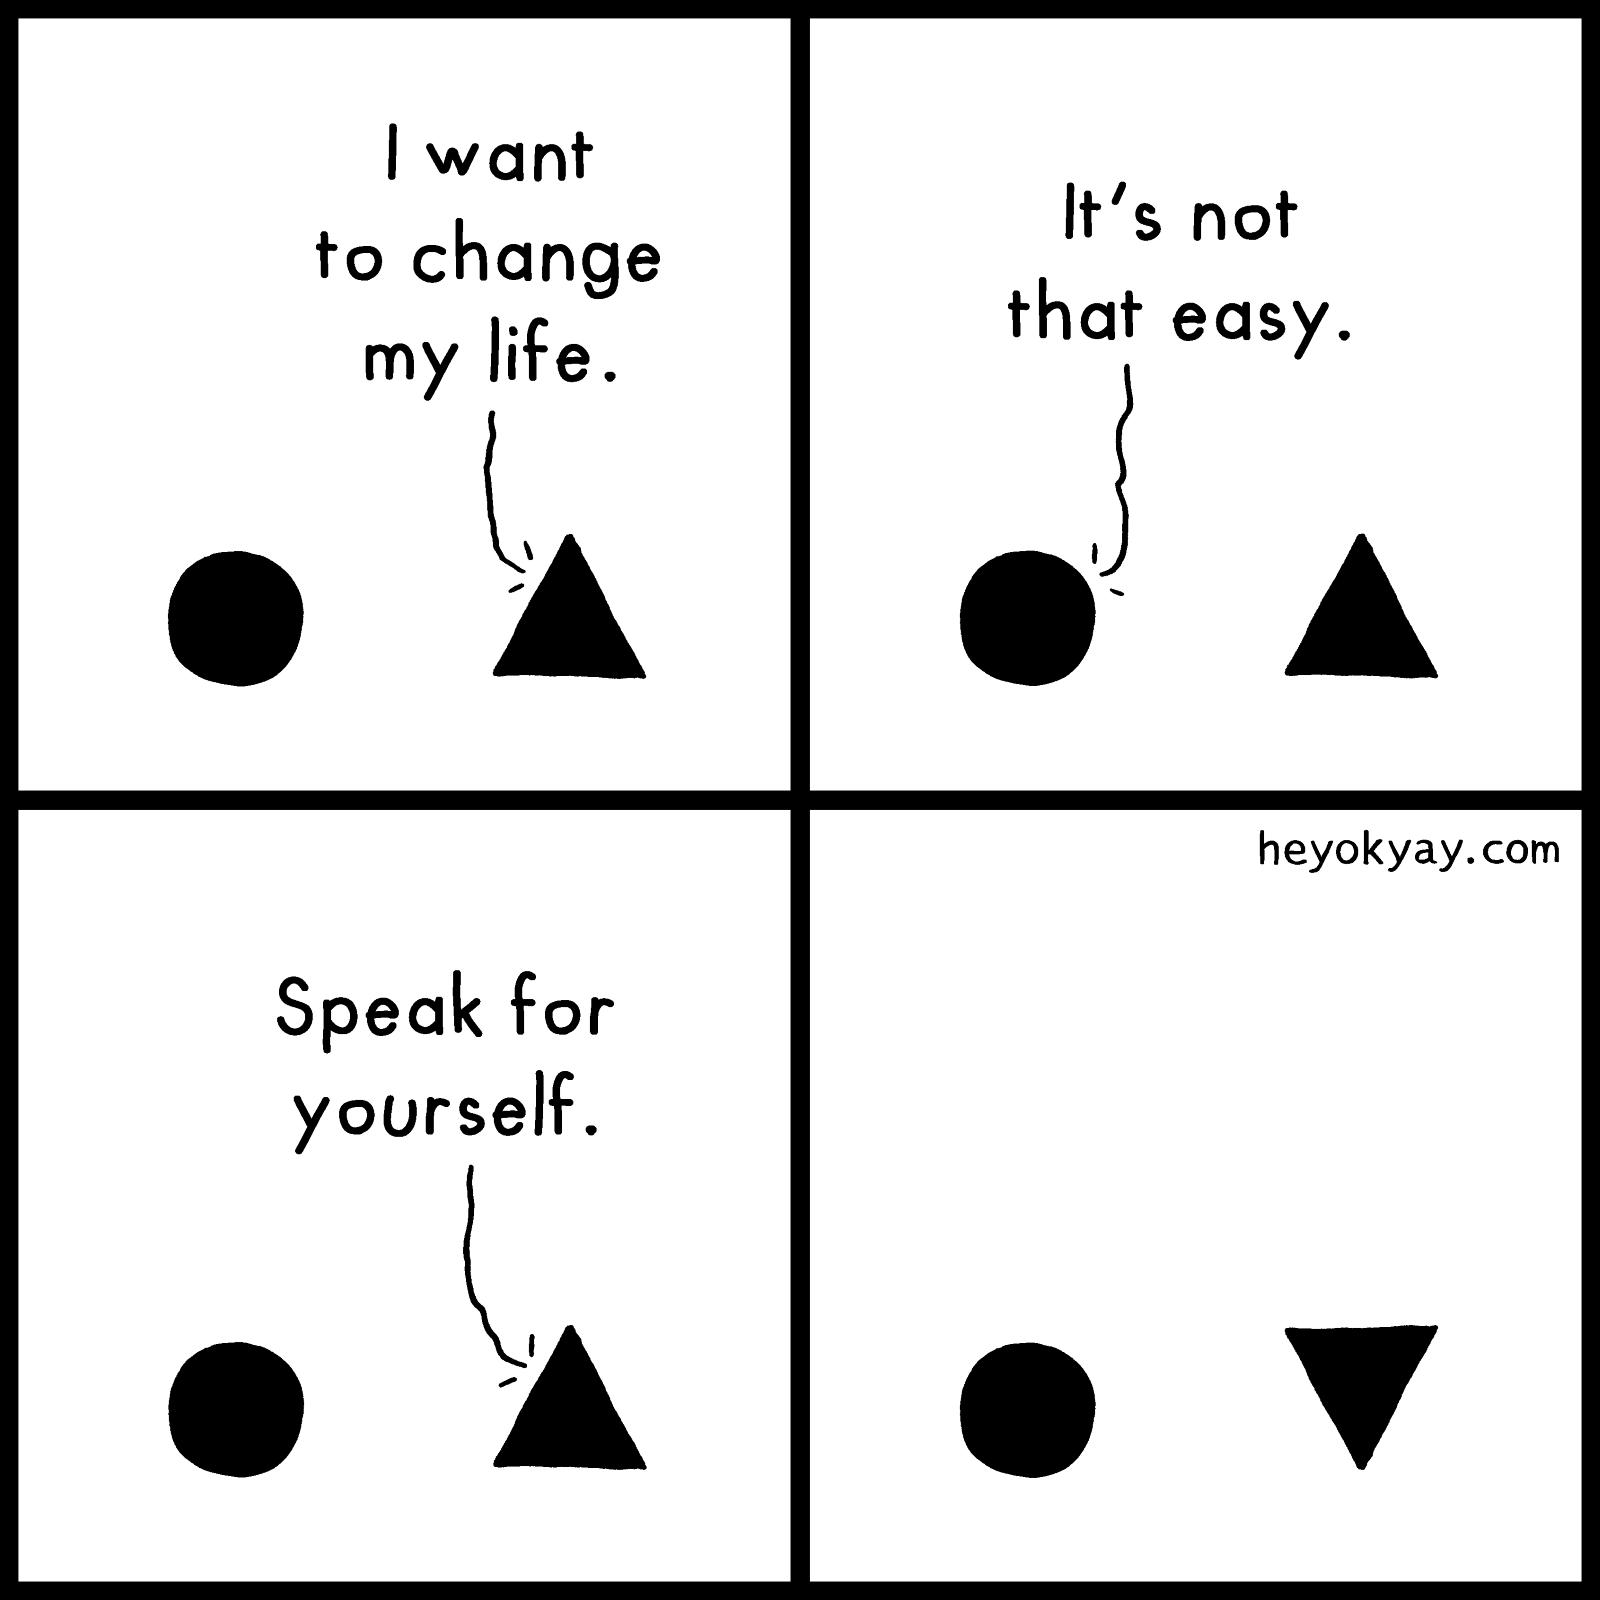 heyokyay comic